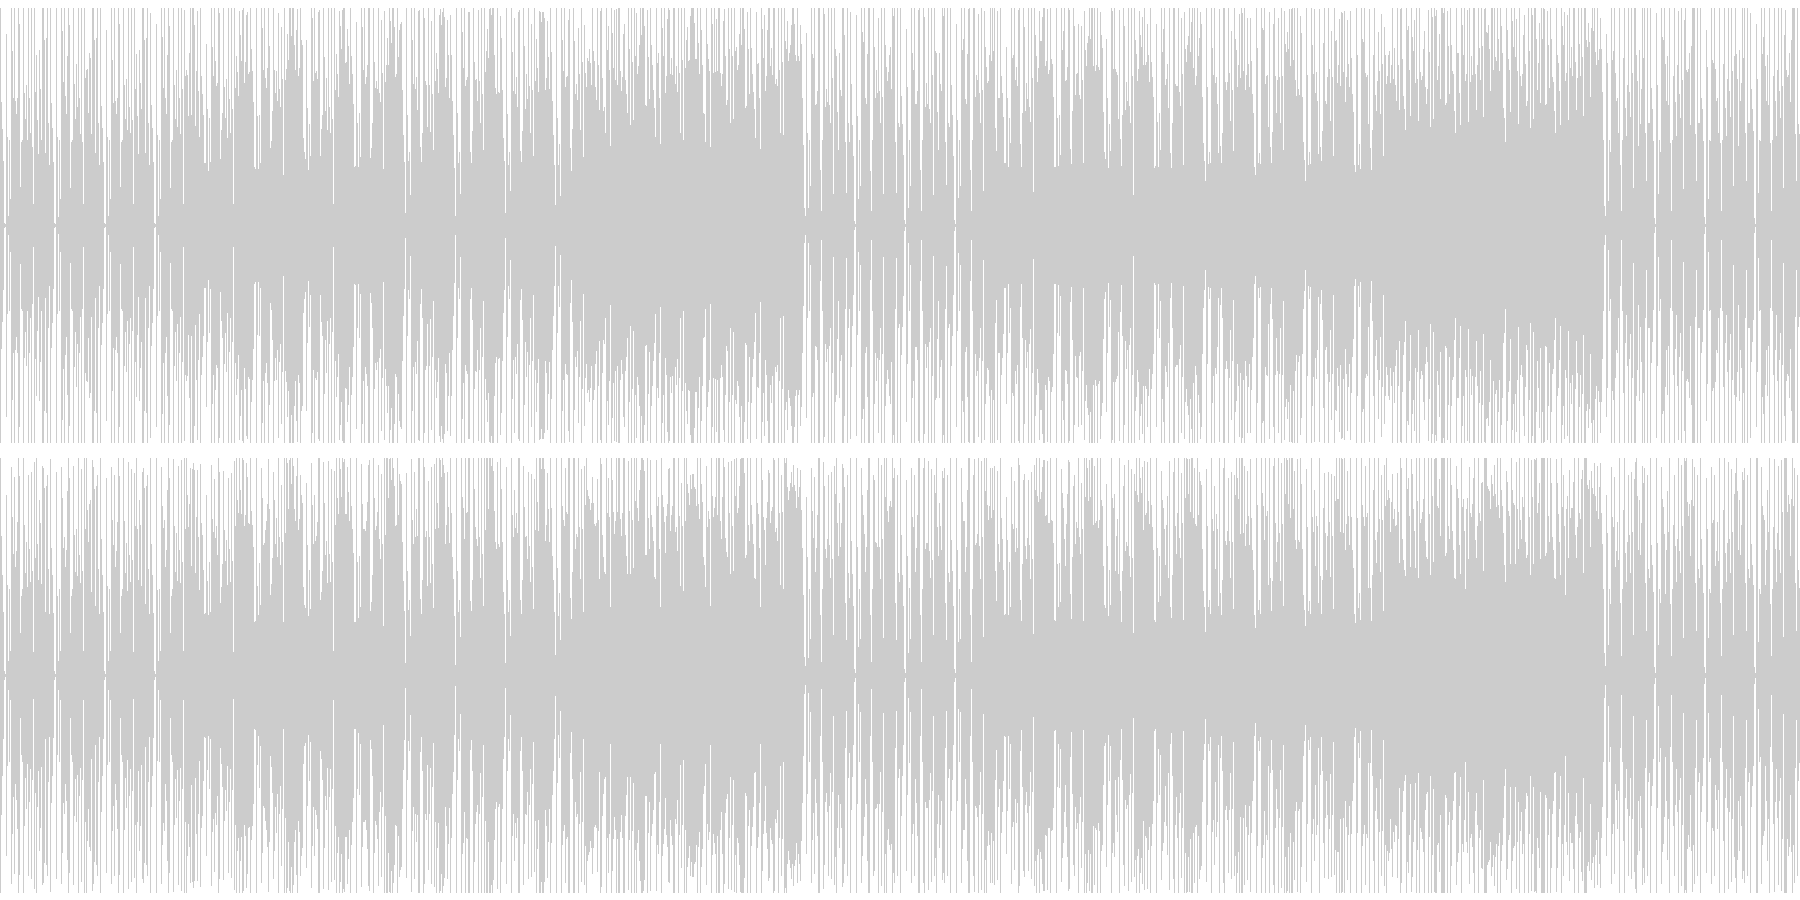 明るくファンキーだが少し切ないエレクトロの未再生の波形